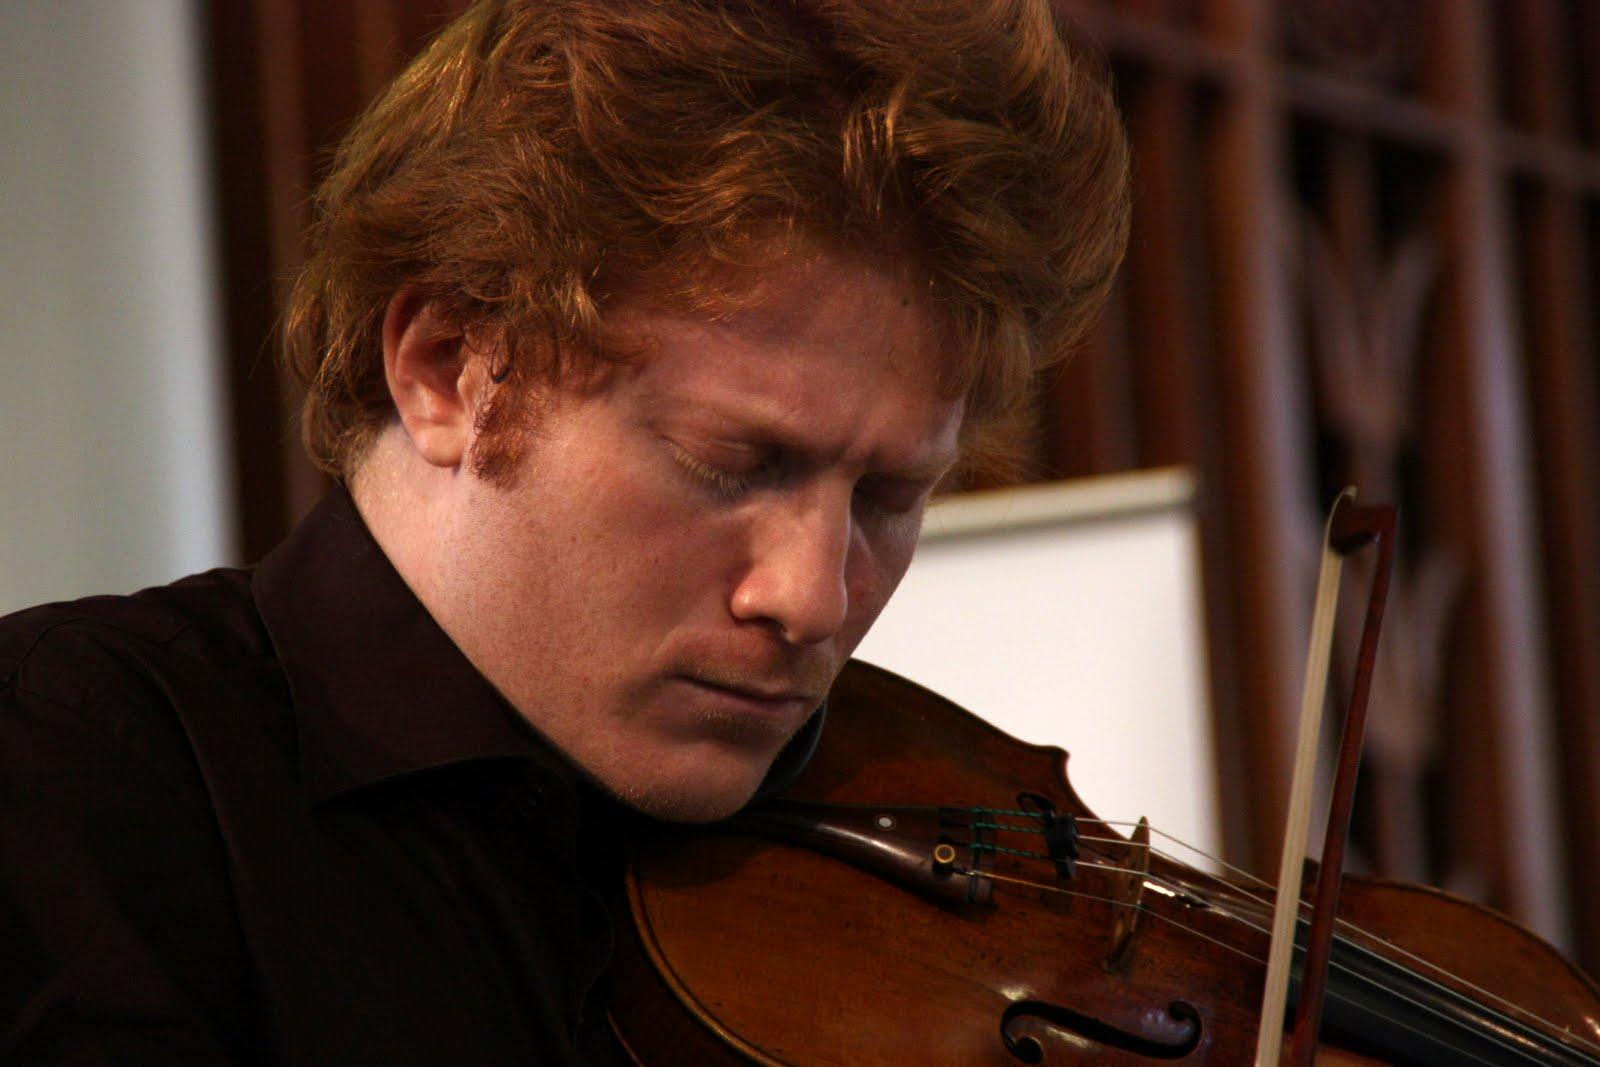 Michal Cwizewicz.JPG